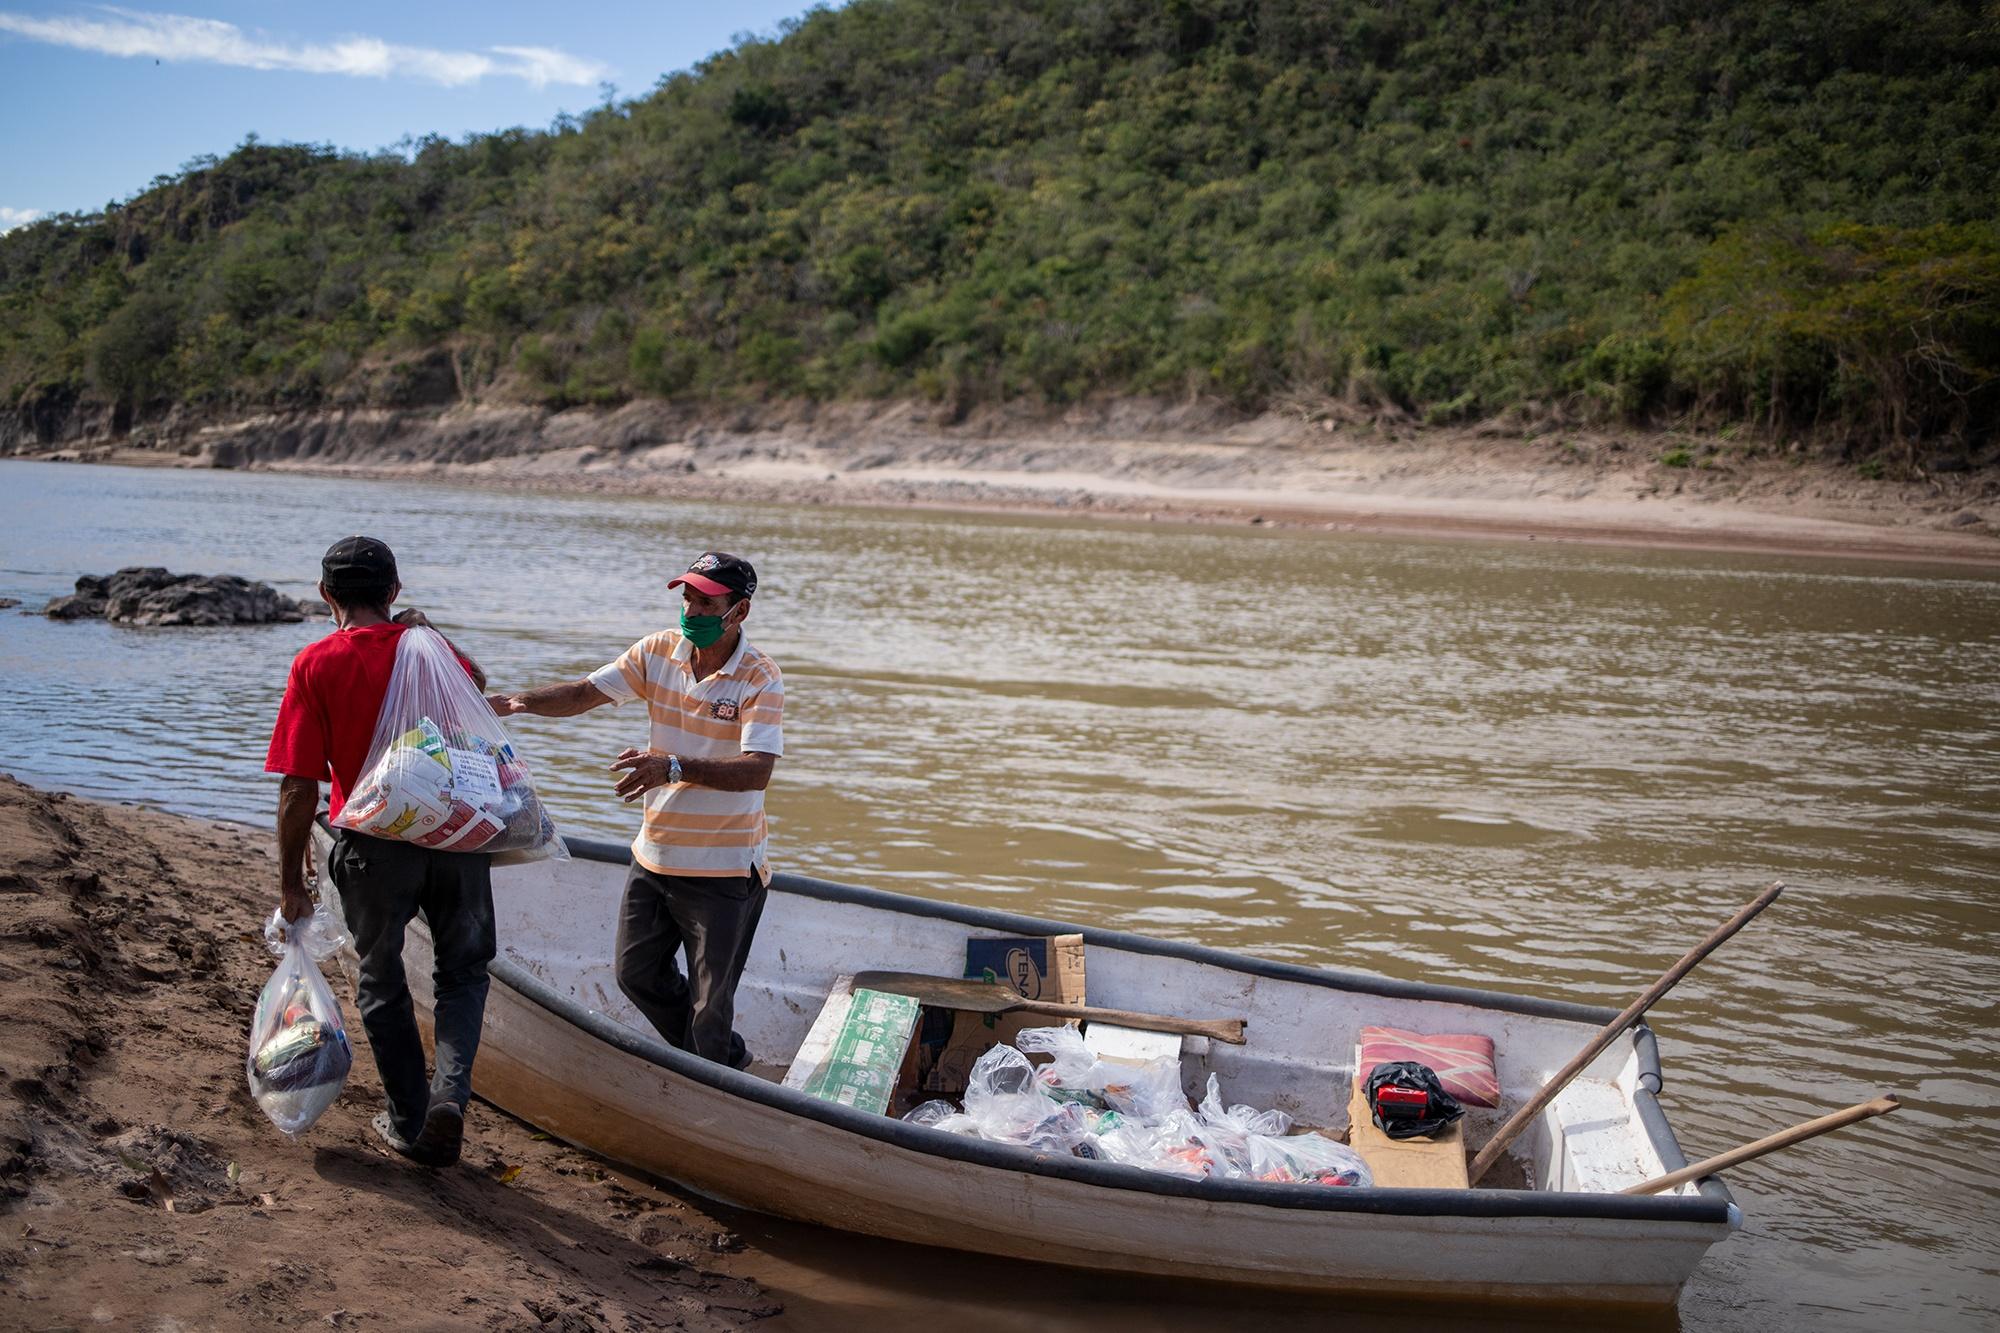 Visitación Paz Muñoz, de 65 años y camiseta a rayas, conduce la lancha del Patronato de la comunidad de La Isla Colina, para ayudar a que sus vecinos logren cruzar de un lado a otro el río Ulúa. Santa Bárbara, 25 de enero de 2021. Foto: Martín Cálix.